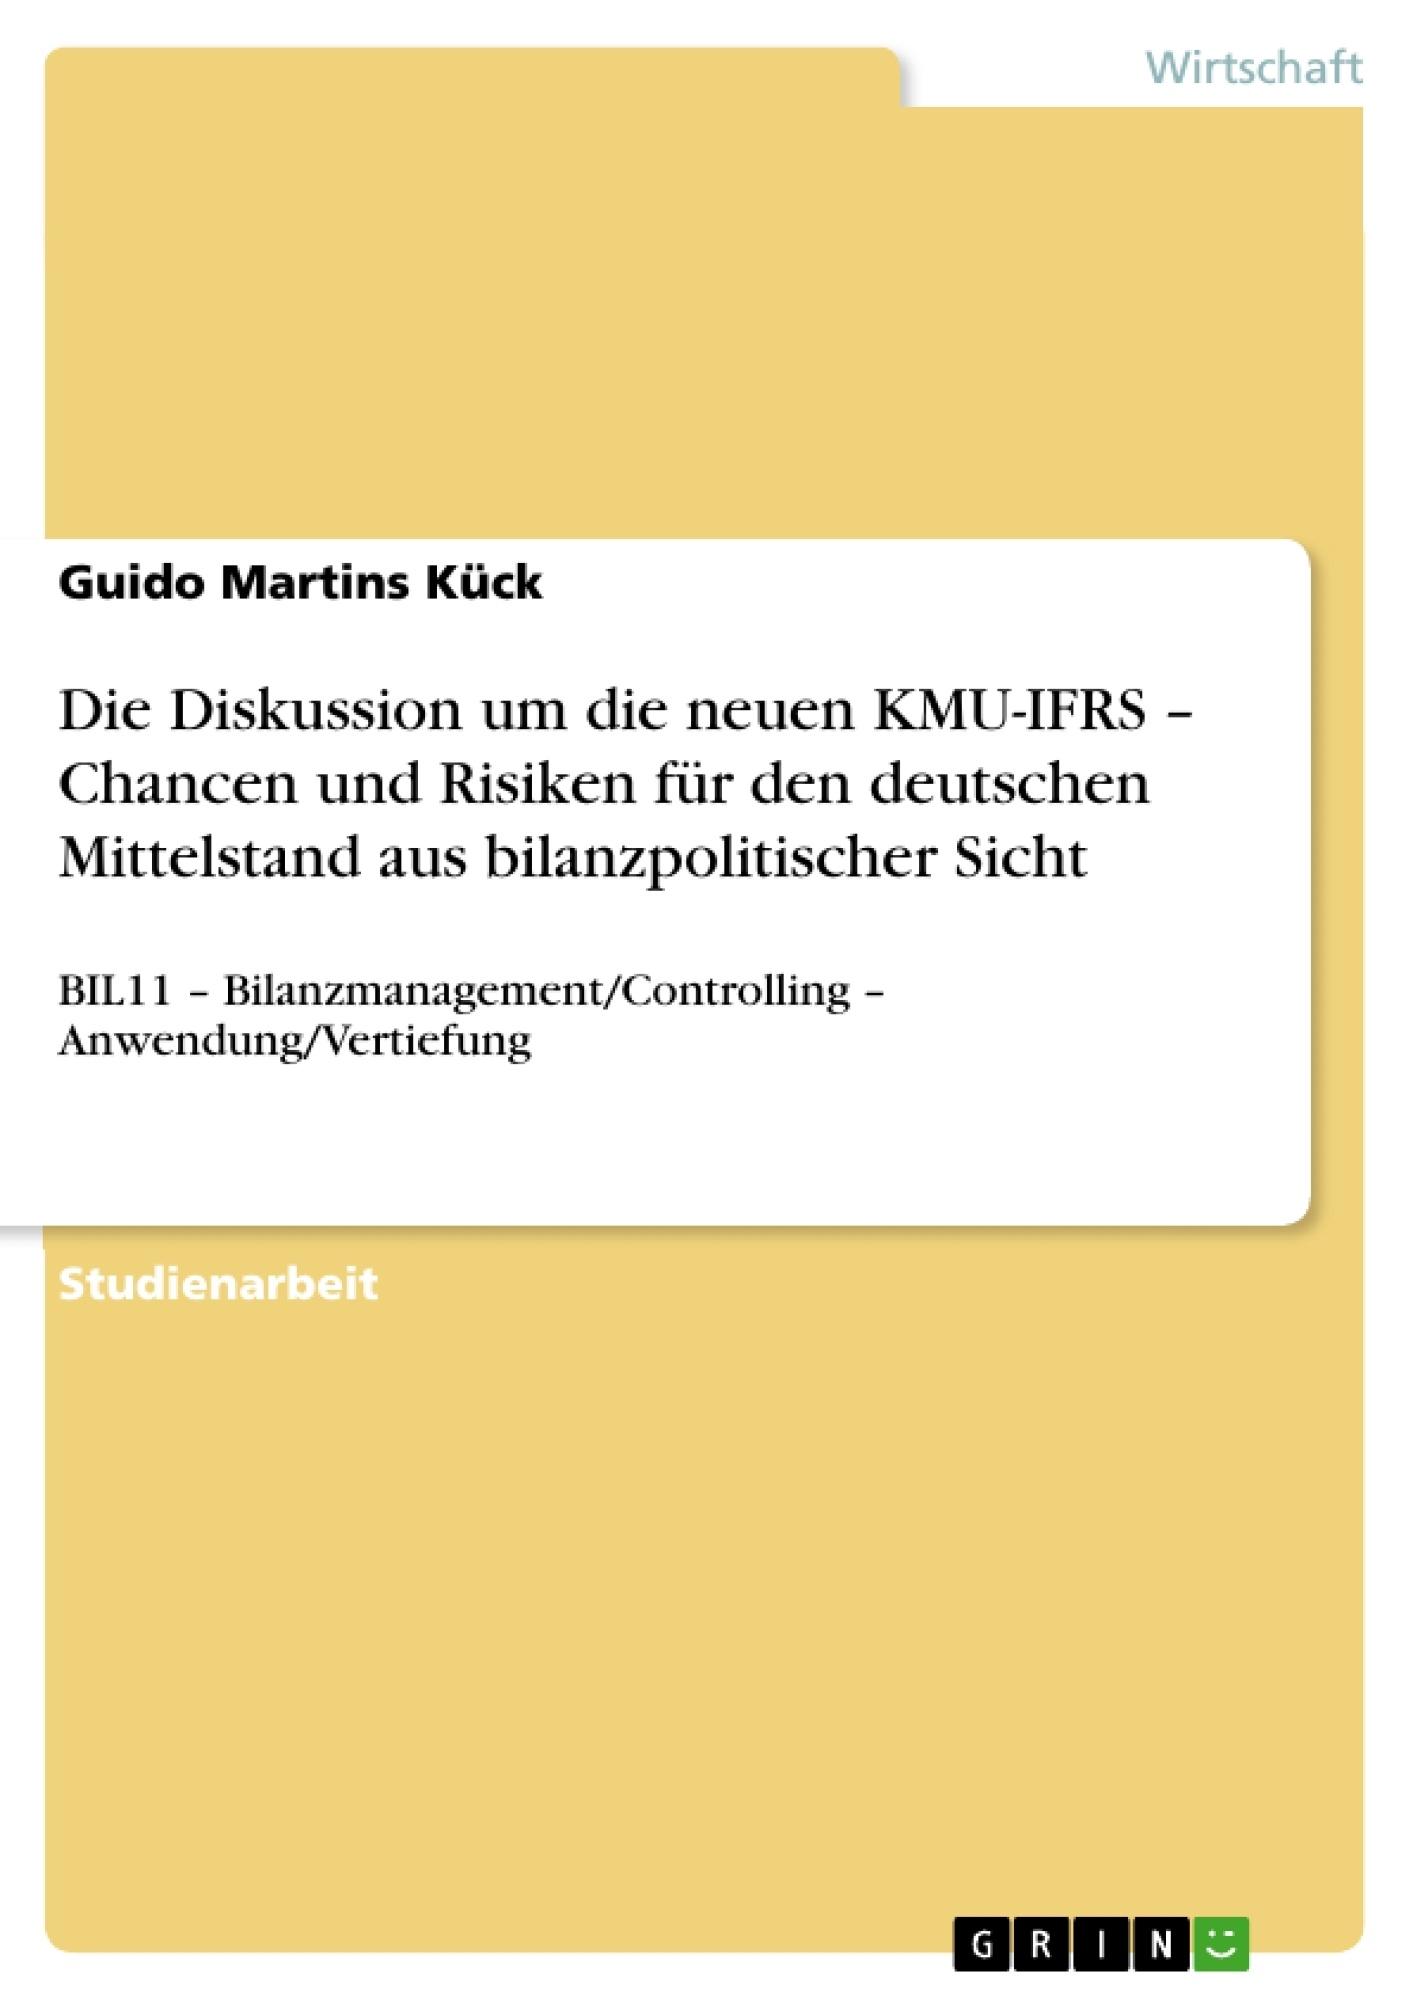 Titel: Die Diskussion um die neuen KMU-IFRS – Chancen und Risiken für den deutschen Mittelstand aus bilanzpolitischer Sicht